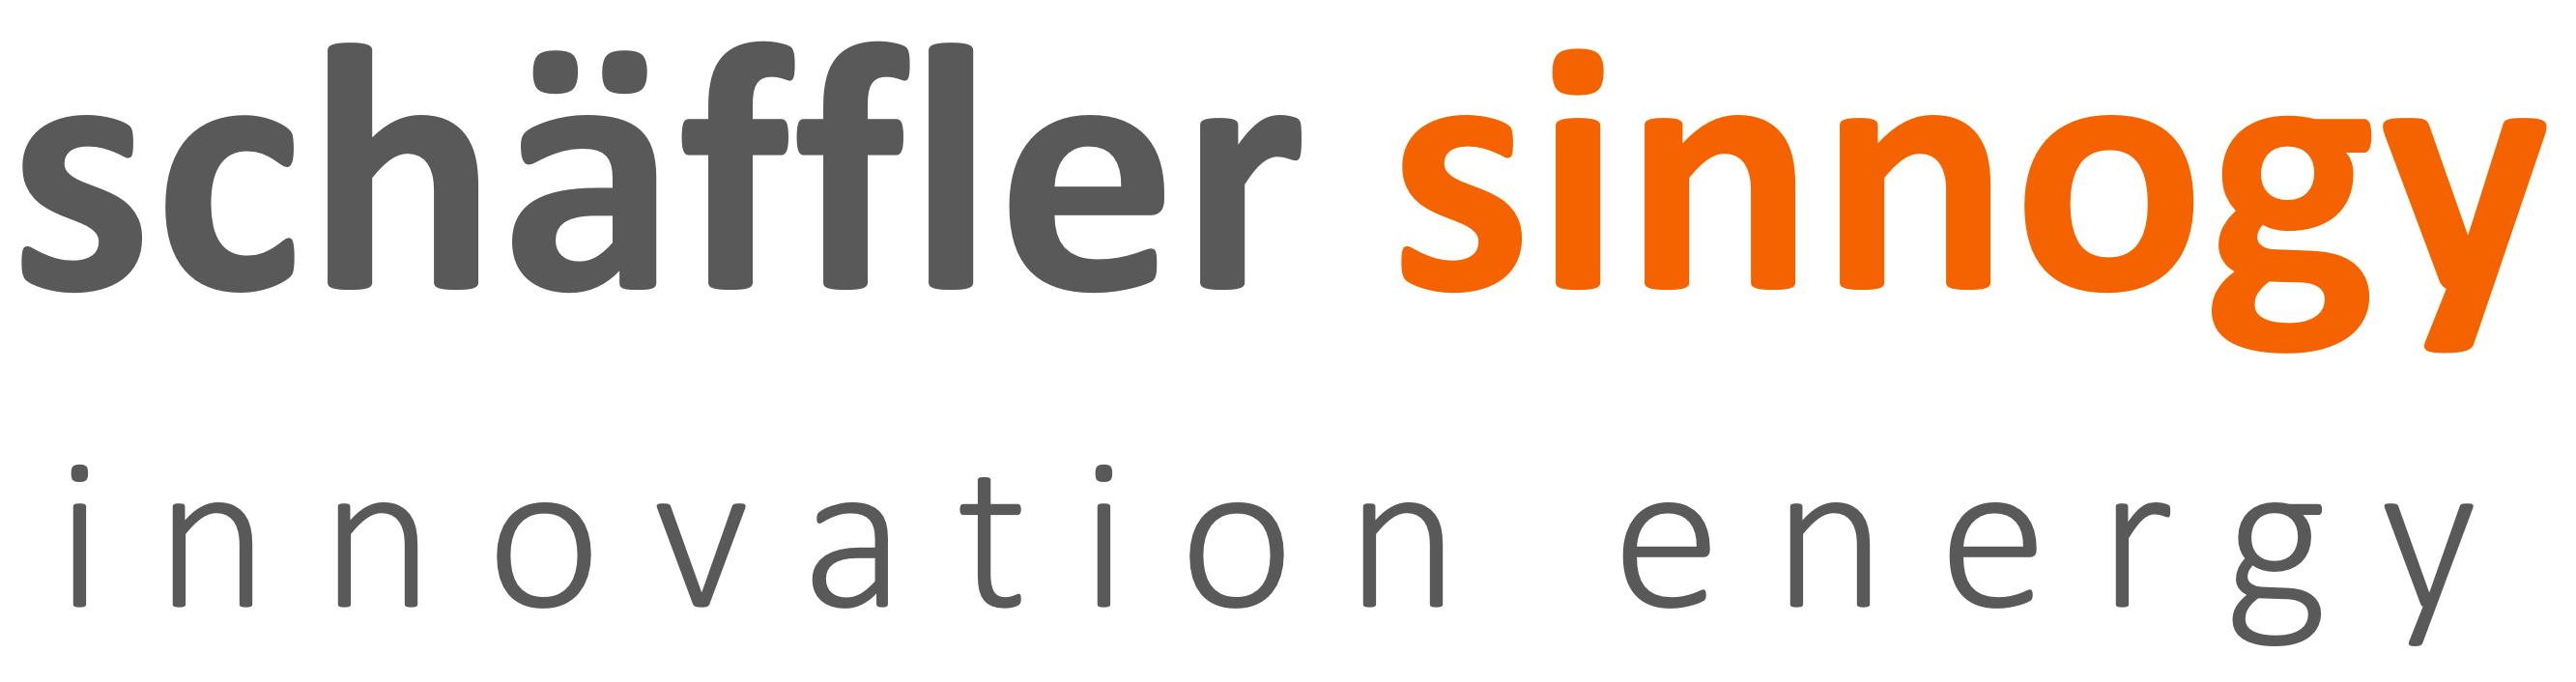 schäffler sinnogy Logo